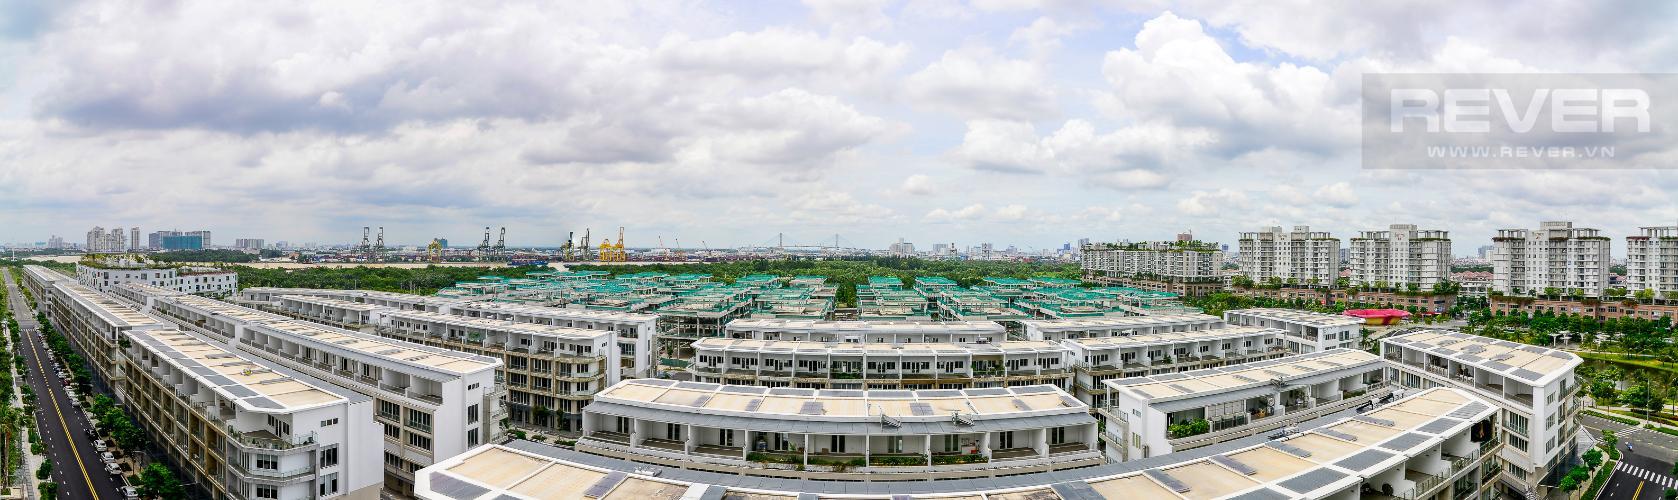 View Bán hoặc cho thuê căn hộ Sarina Condominium 3PN, tầng thấp, đầy đủ nội thất, diện tích 127m2